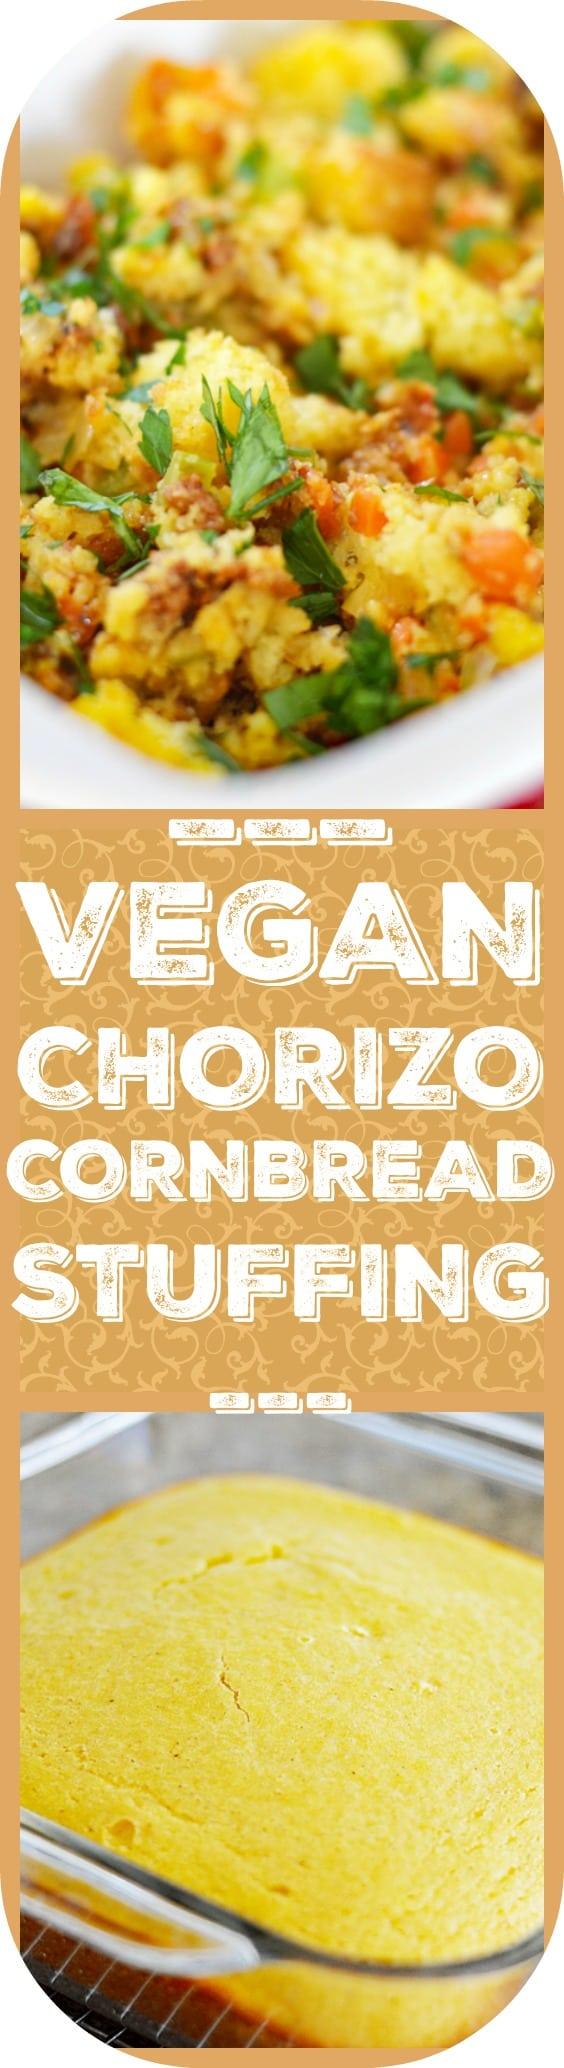 Vegan Chorizo Cornbread Stuffing